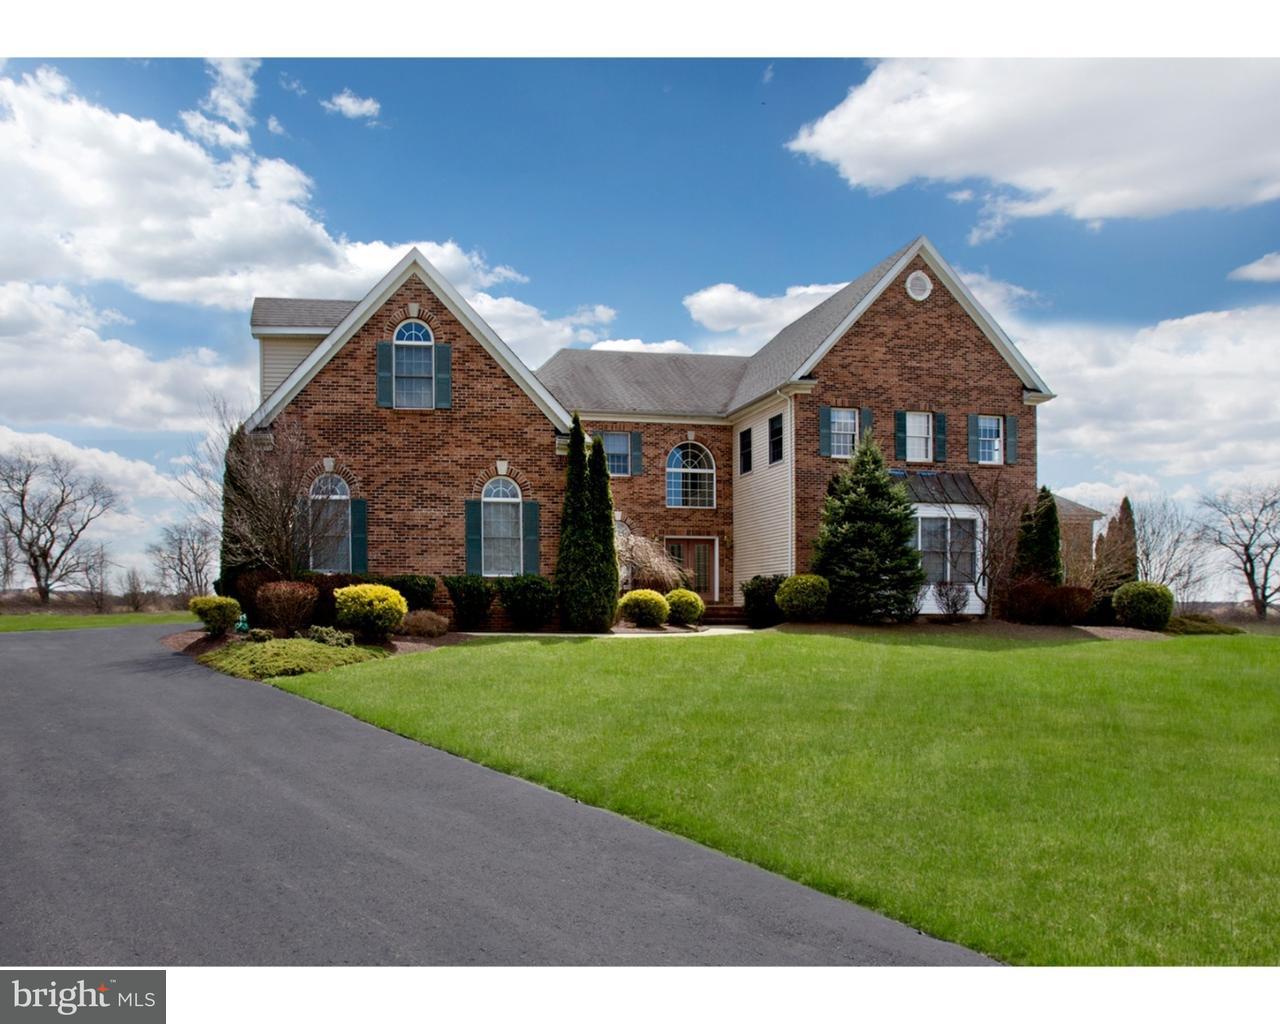 Eensgezinswoning voor Huren een t 7 APPLEGATE Court Cranbury, New Jersey 08512 Verenigde StatenIn/Rond: Cranbury Township